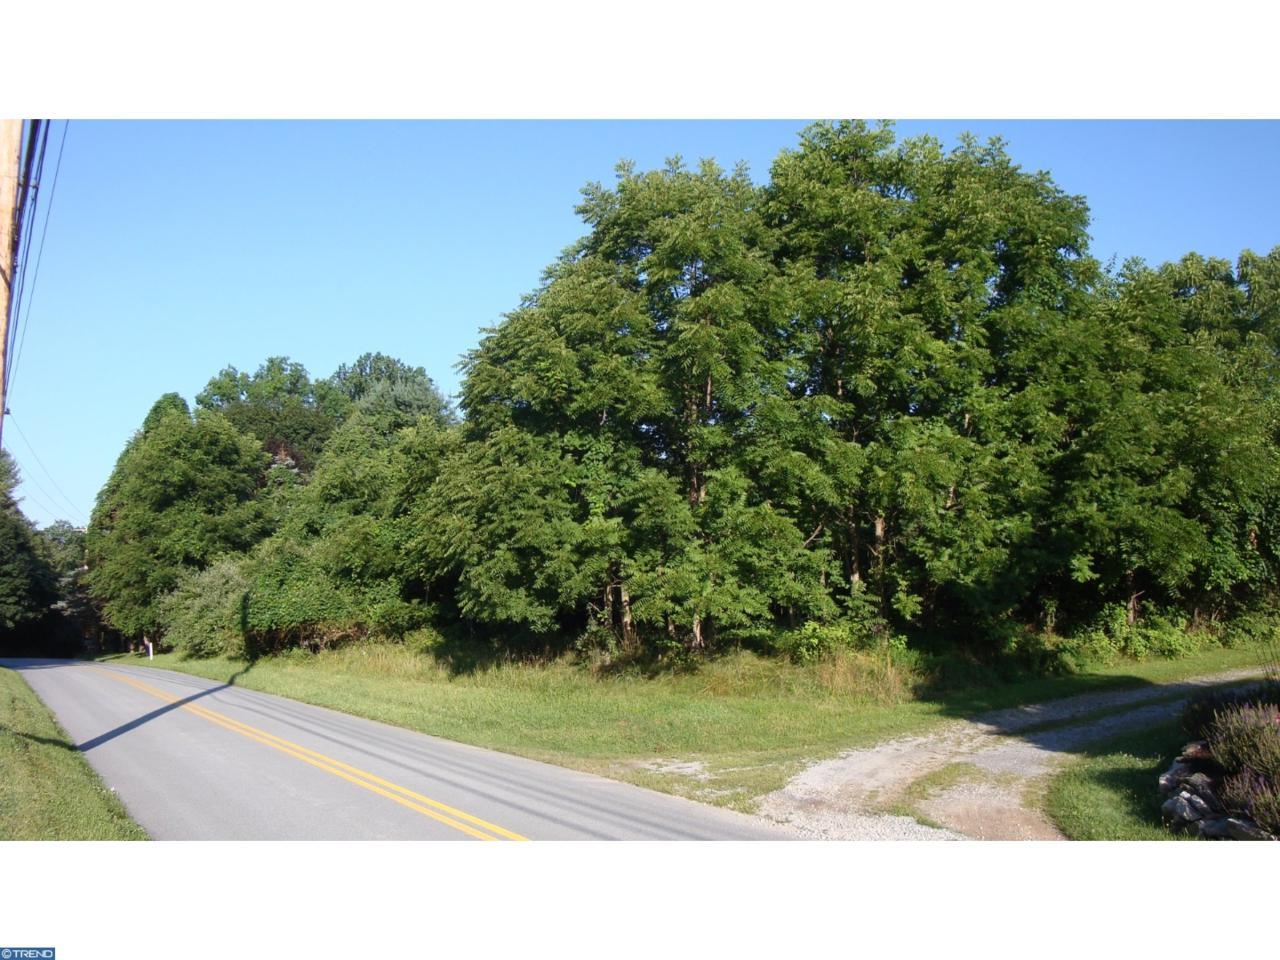 Lot 8 Harmony Hill Road - Photo 1